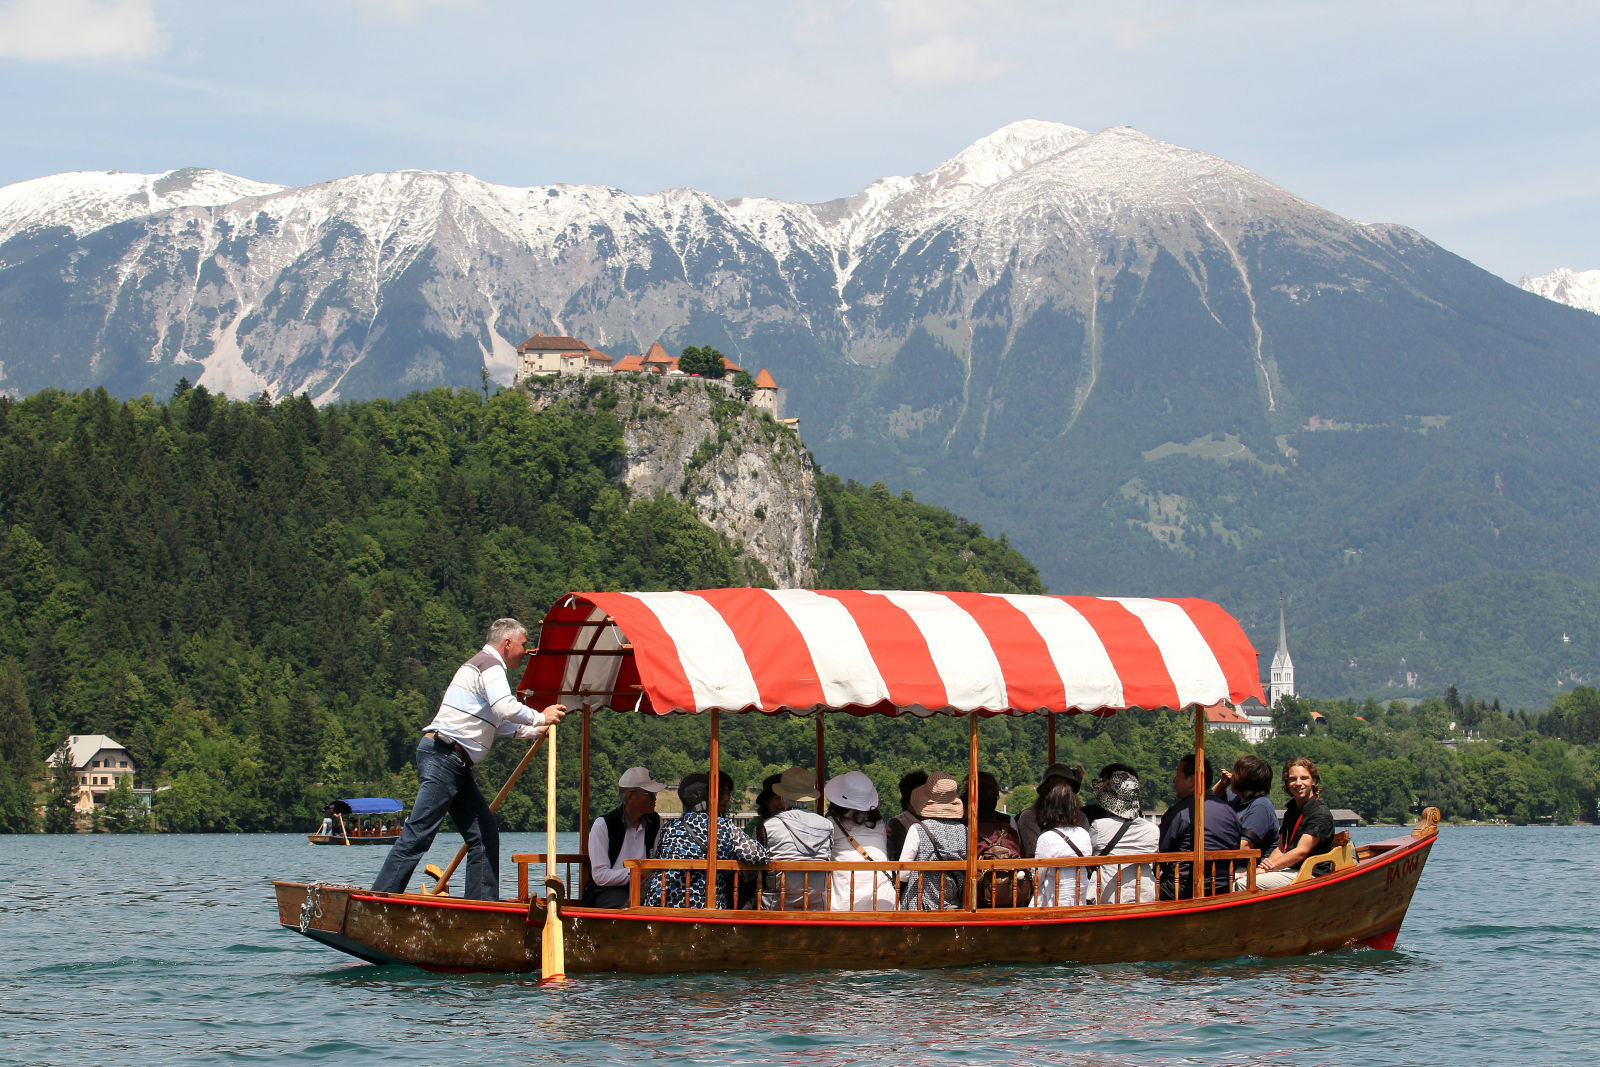 Pletna boat in Lake Bled, Slovenia